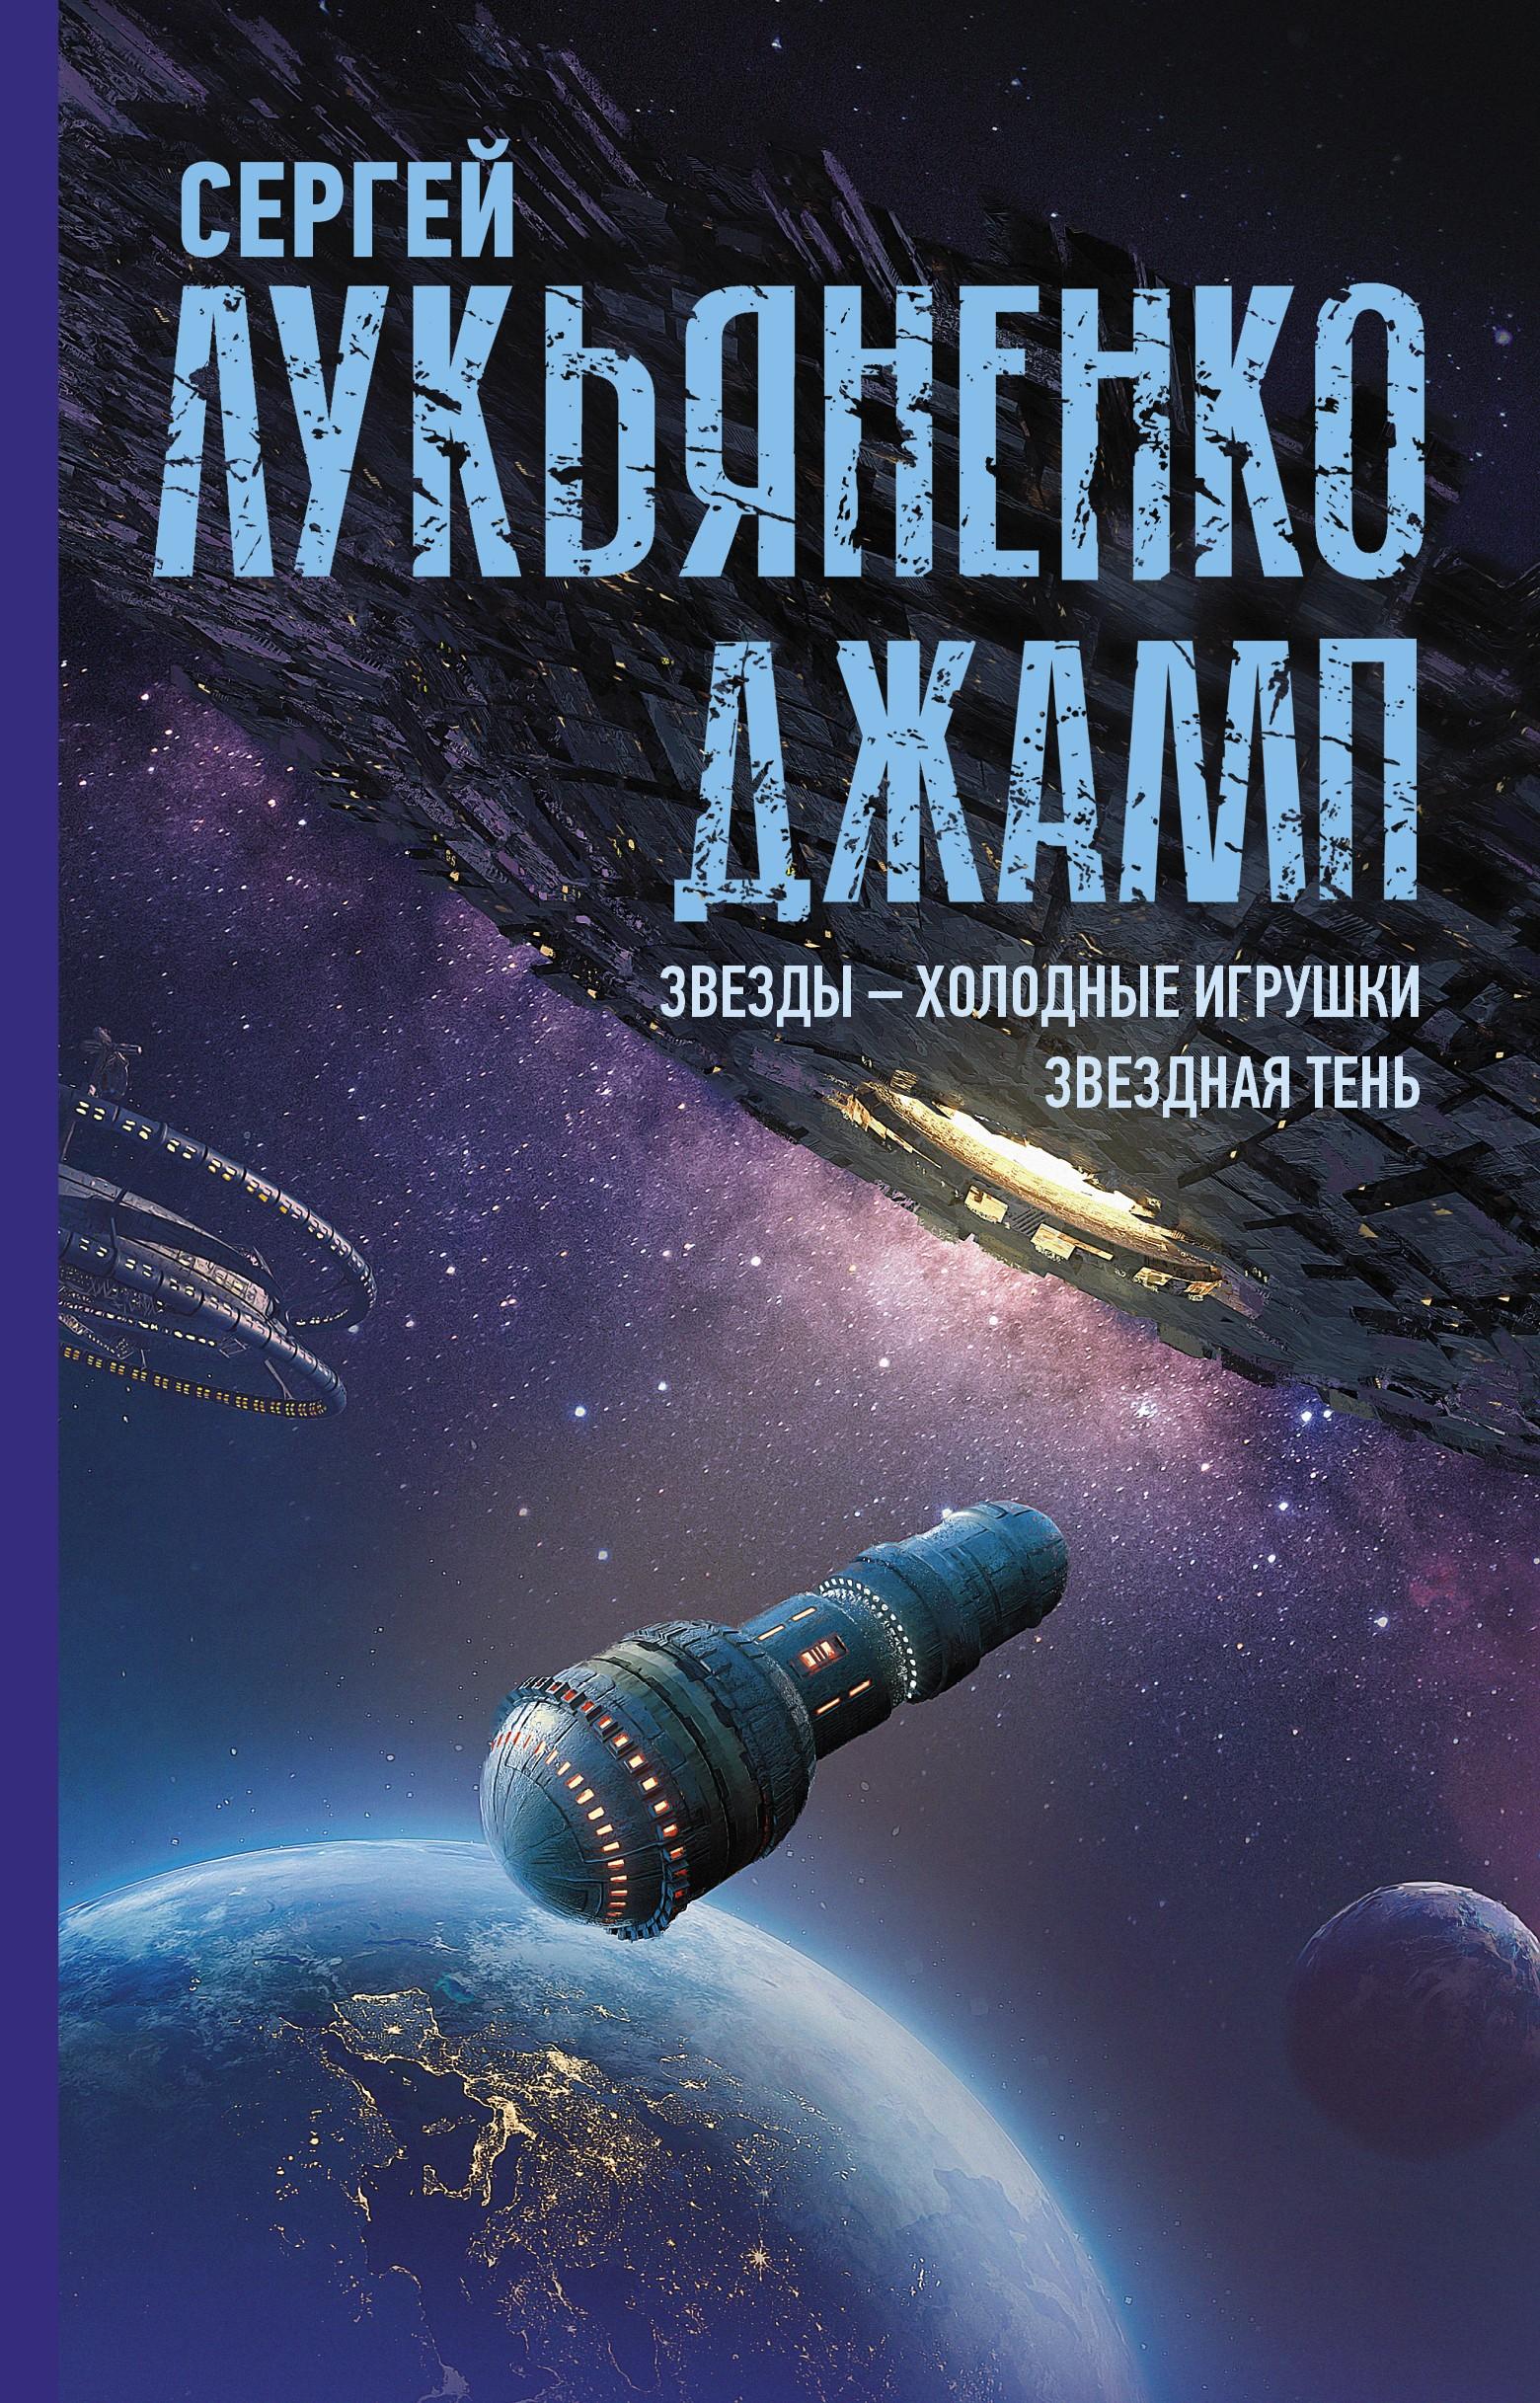 Сергей Лукьяненко «Джамп (сборник)»